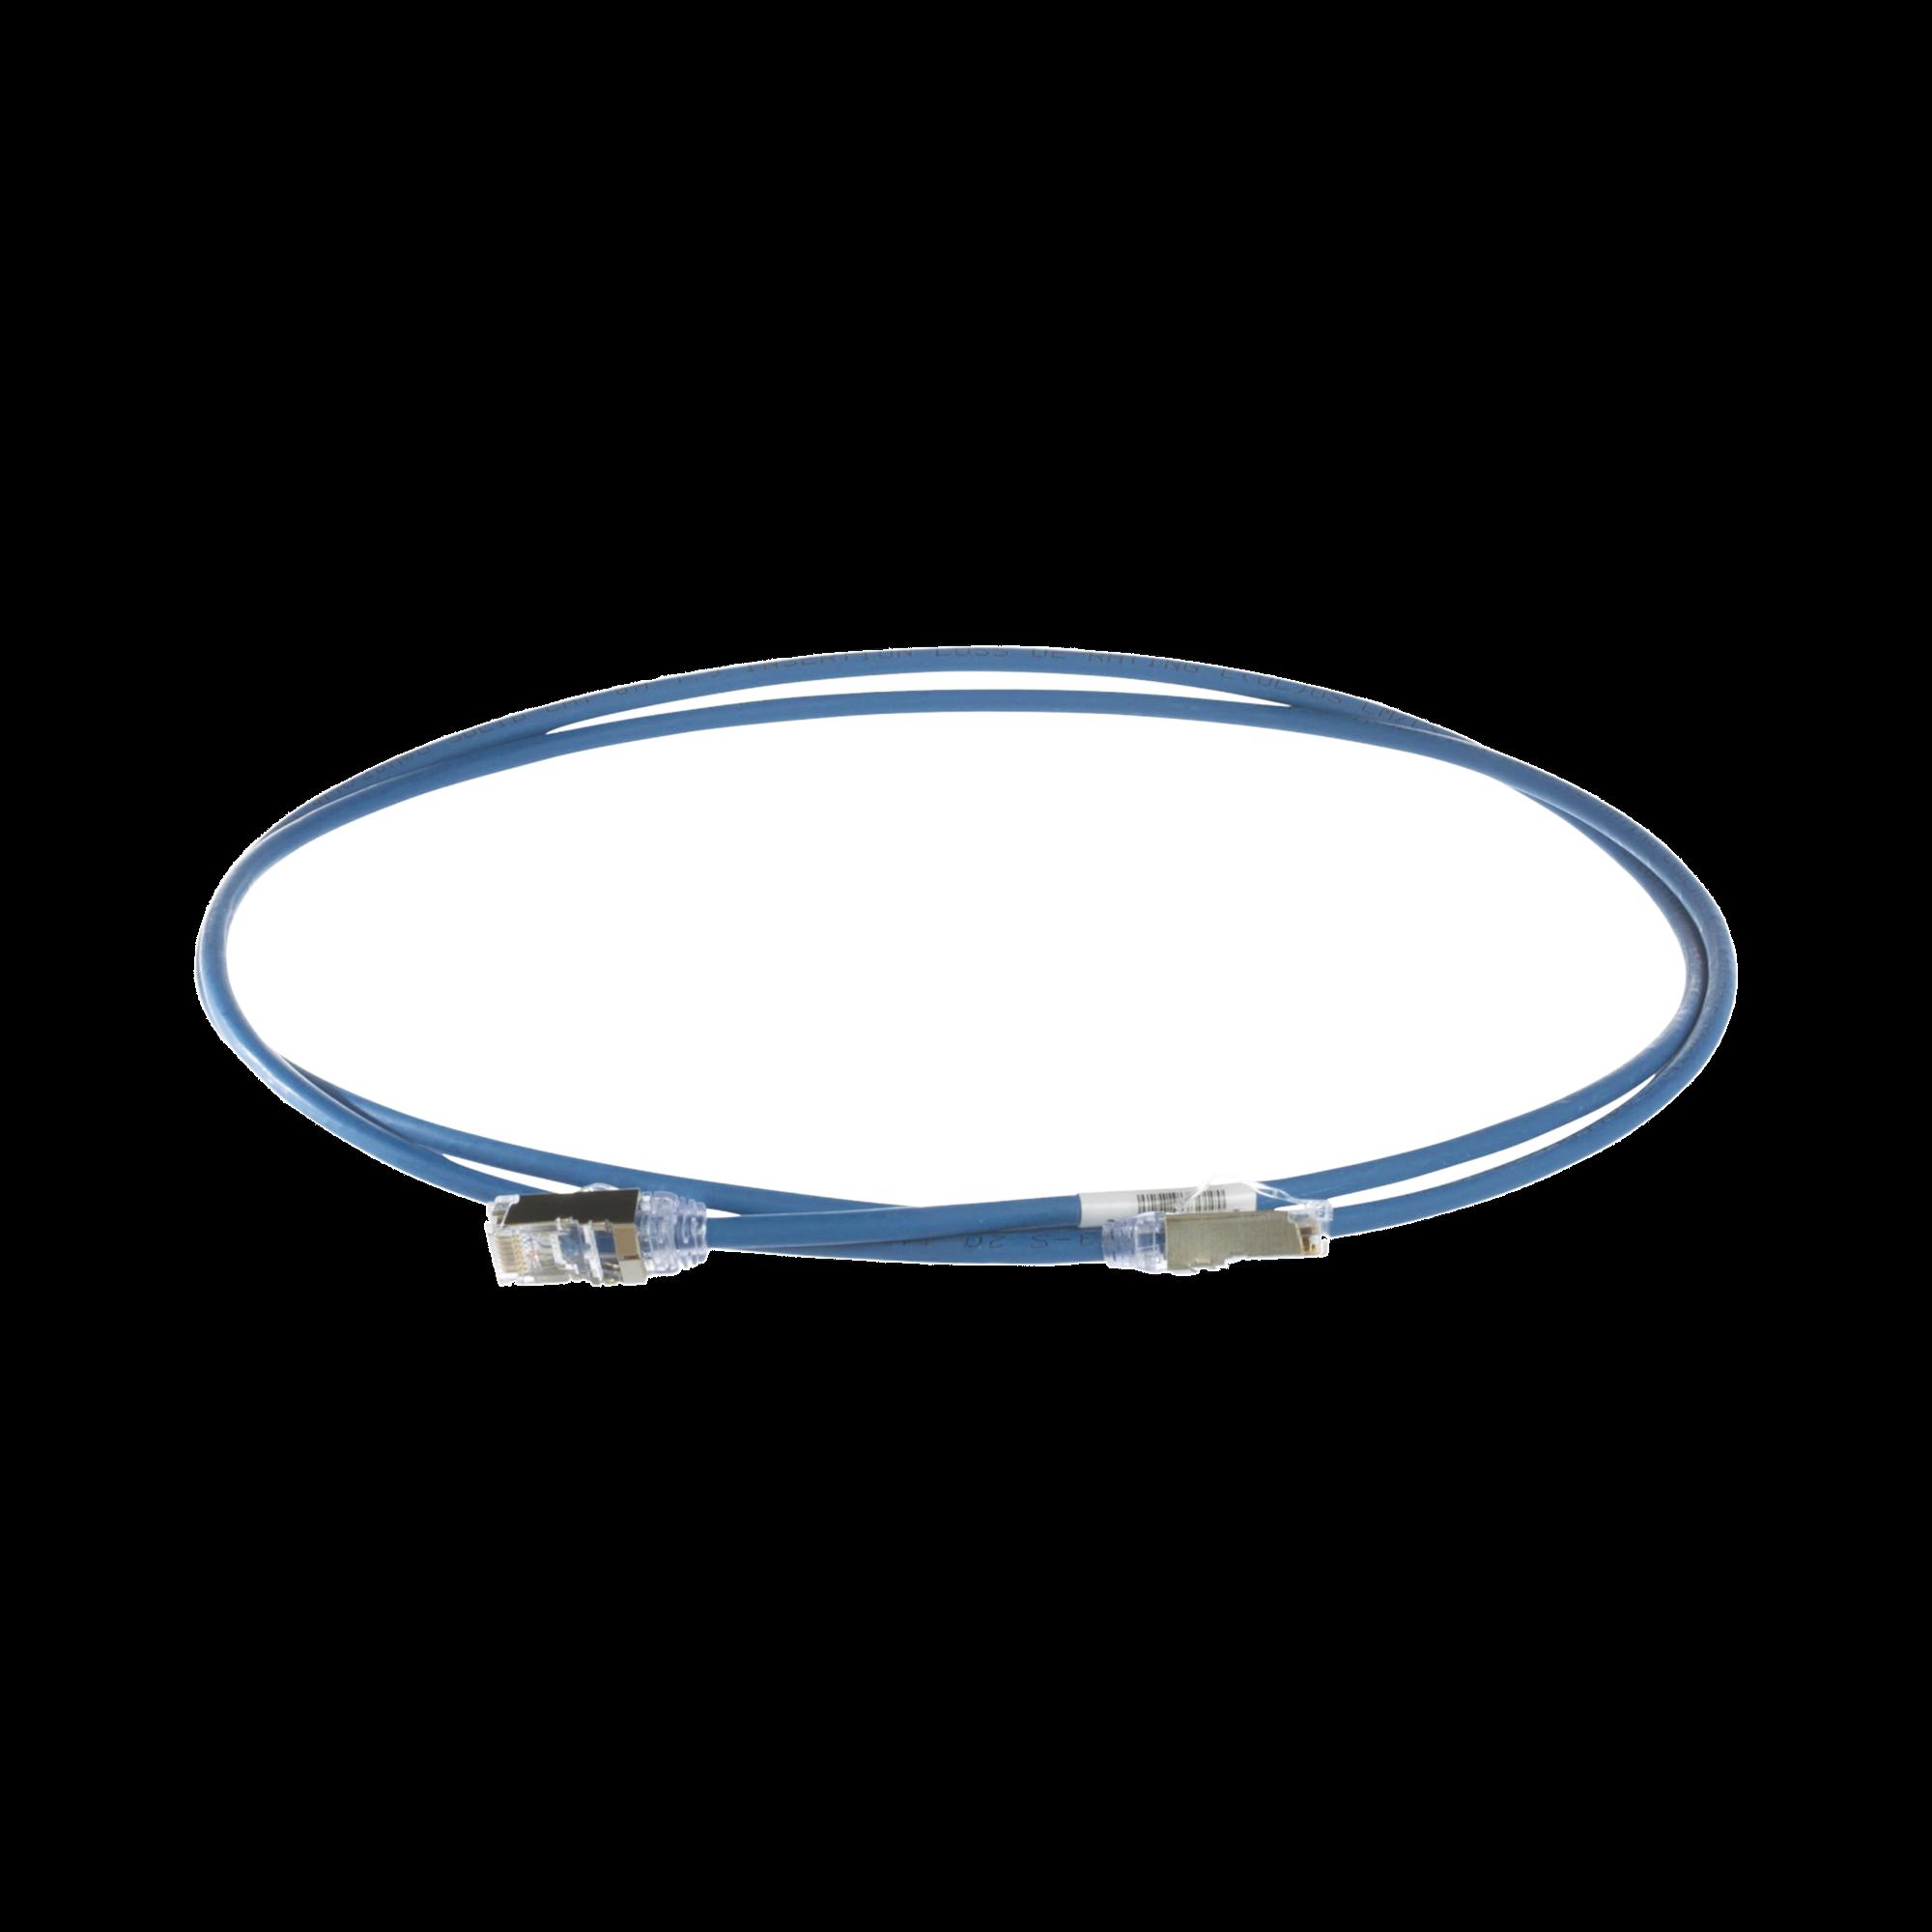 Patch Cord Cat6A, Diametro Reducido 28 AWG, Blindado S/FTP, CM/LS0H, 1.5m, Color Azul